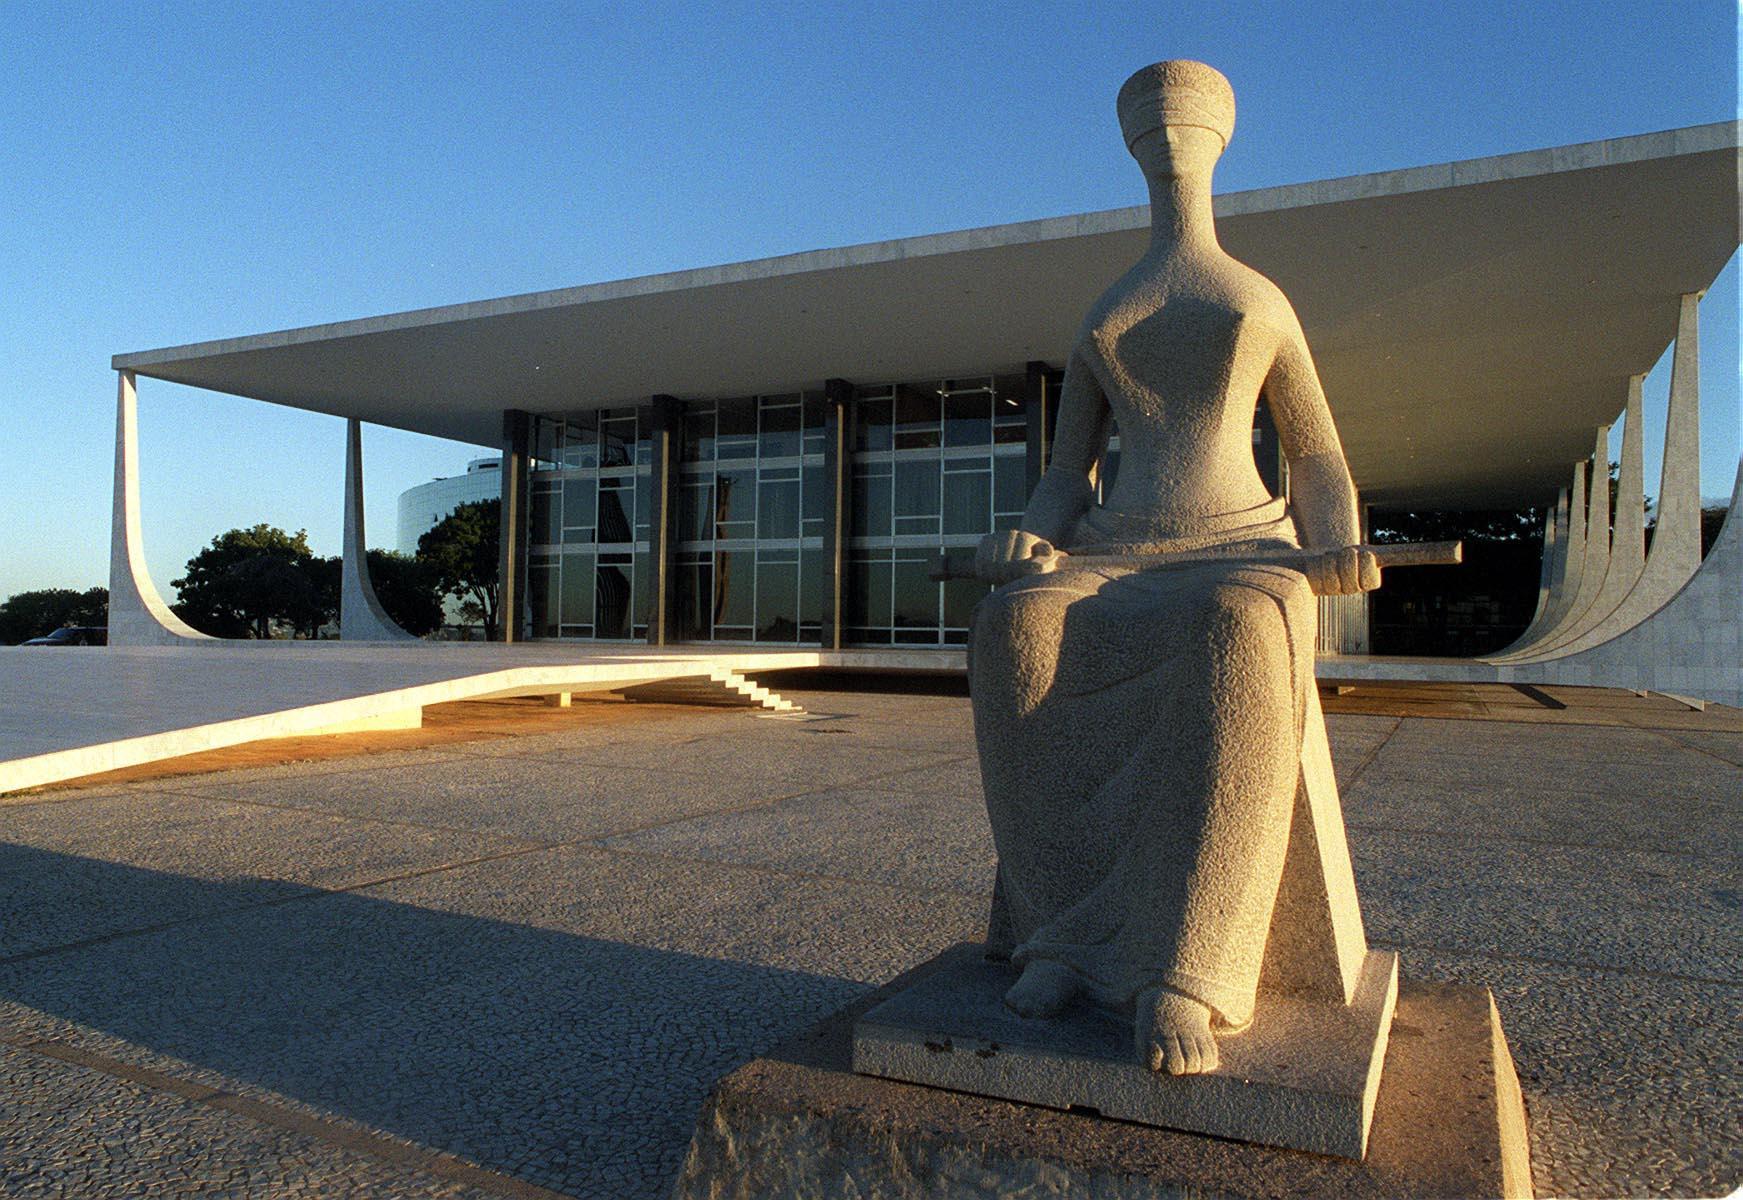 DF - TURISMO/DF - VARIEDADES - Estátua da Justiça em frente ao prédio do Supremo Tribunal Federal (STF), na Praça dos Três Poderes, em Brasília (DF).   15/08/2003 - Foto: JOSÉ PAULO LACERDA/AGÊNCIsA ESTADO/AE